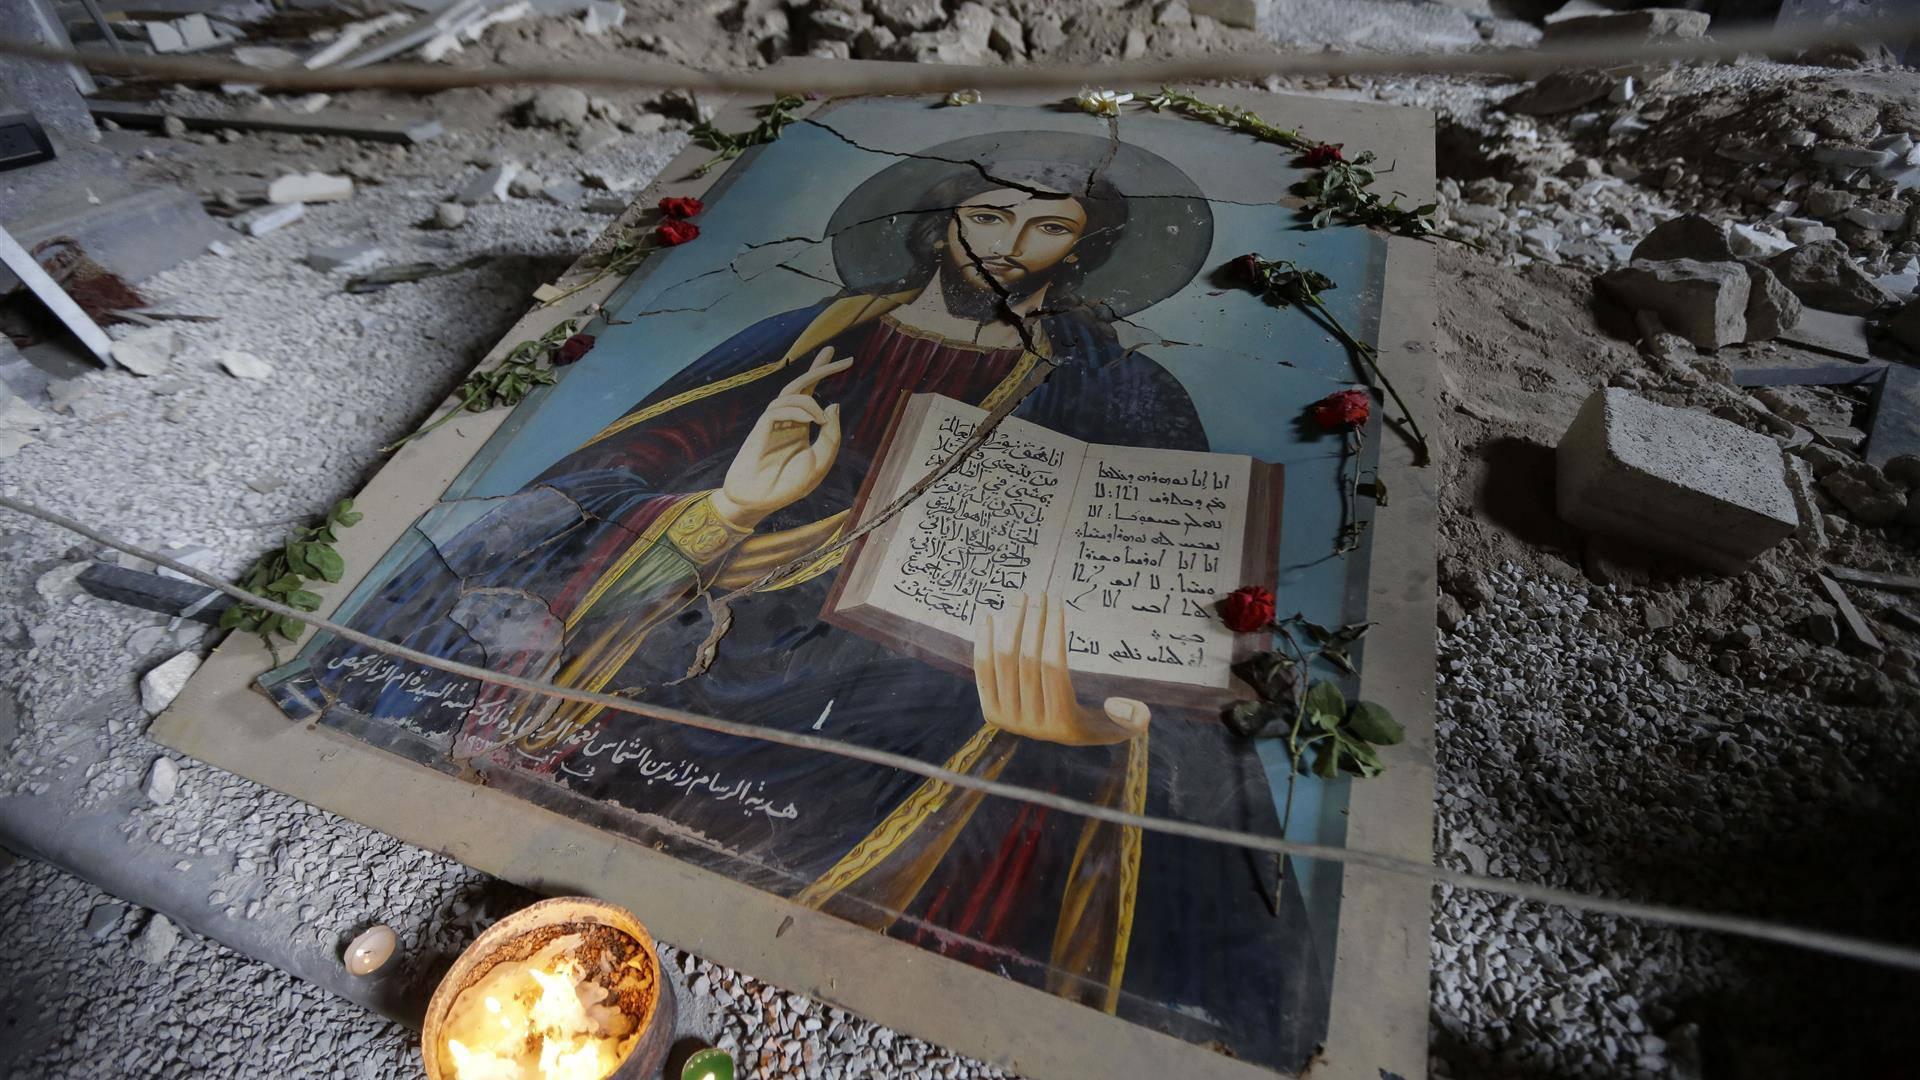 Sabato 23 Maggio: veglie di preghiera per i cristiani perseguitati